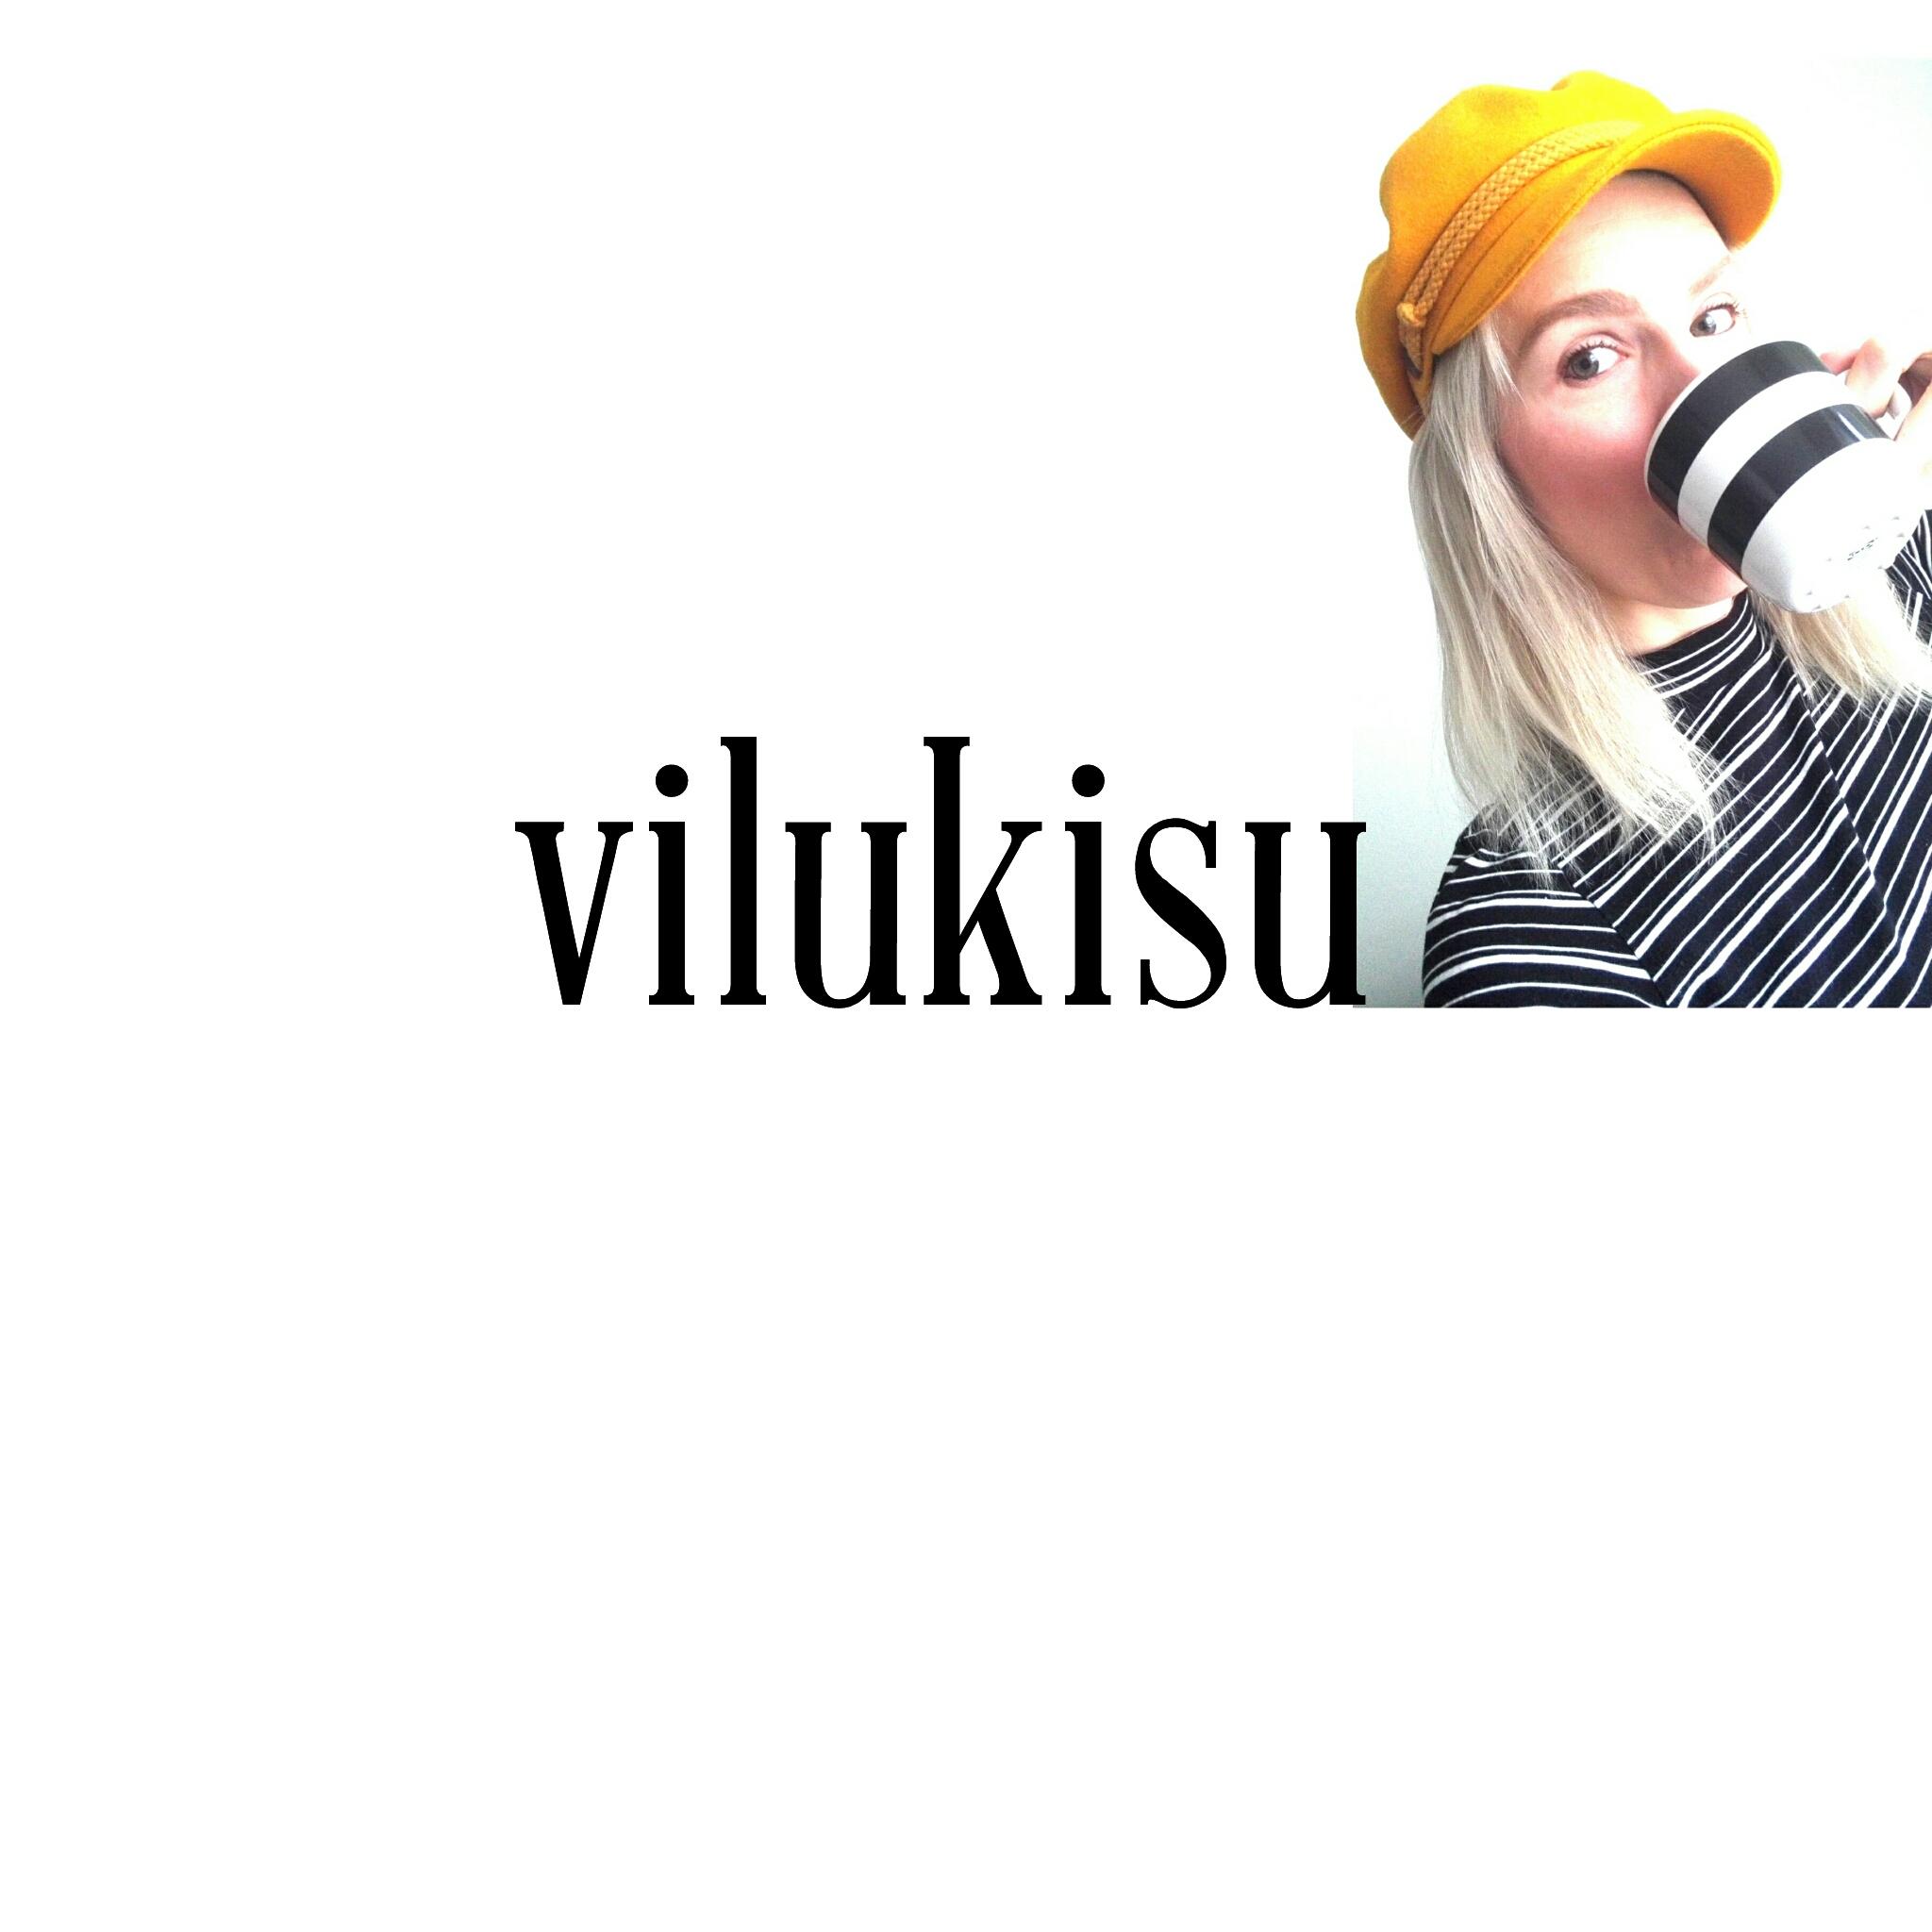 Vilukisu